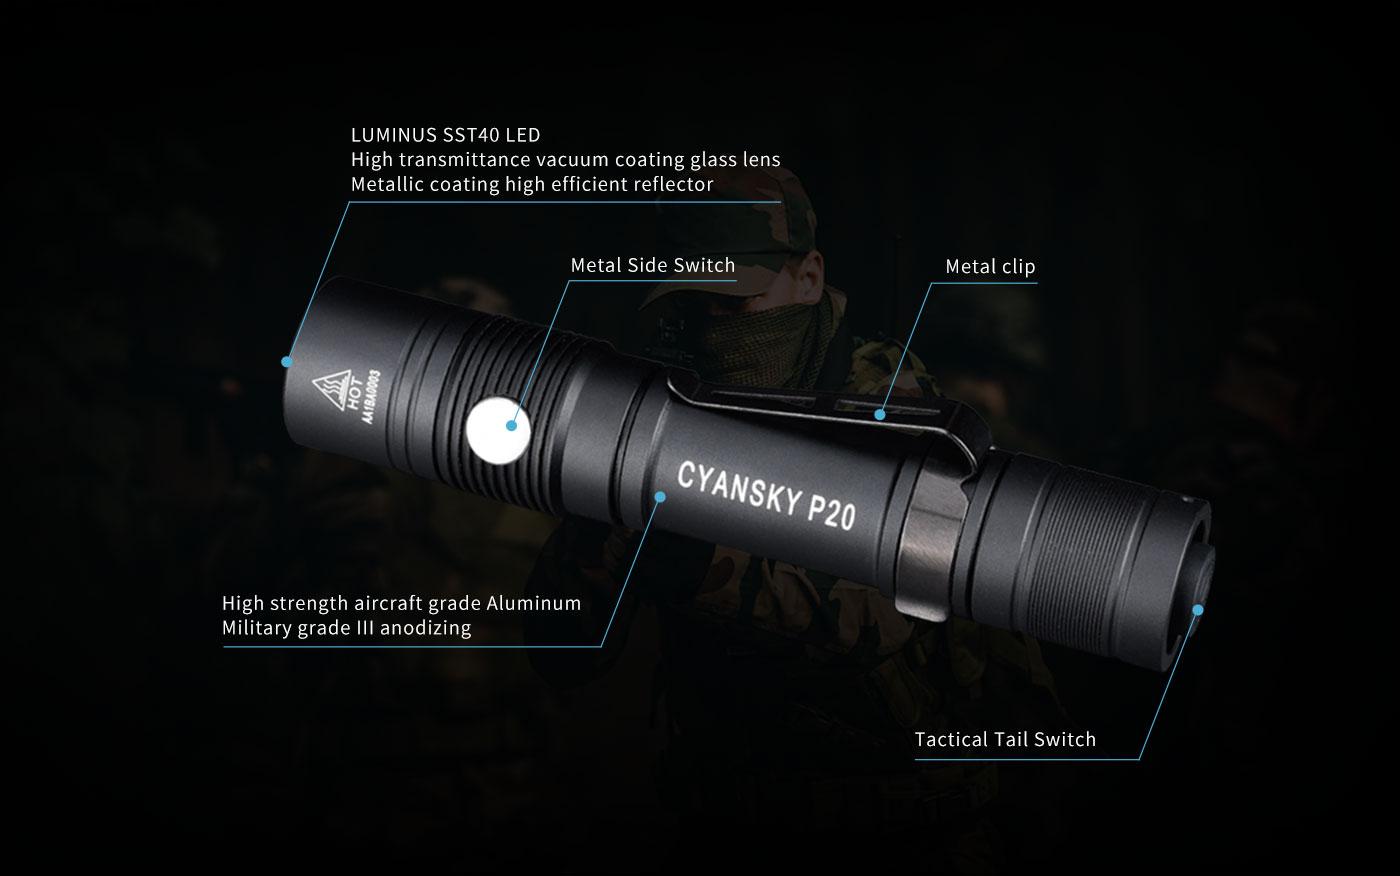 waterproof rechargeable outdoor flashlight, waterproof tactical flashlight, waterproof led torch